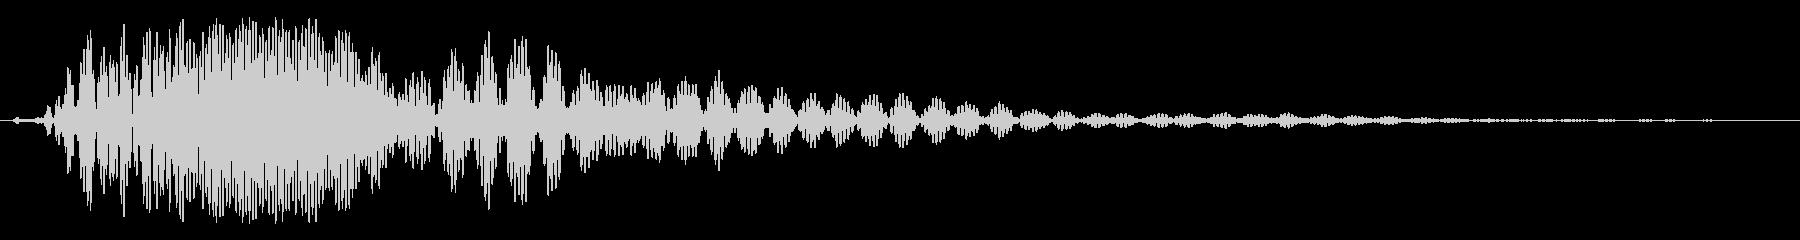 ボン、ボーン(低音の空間的な電子音)の未再生の波形